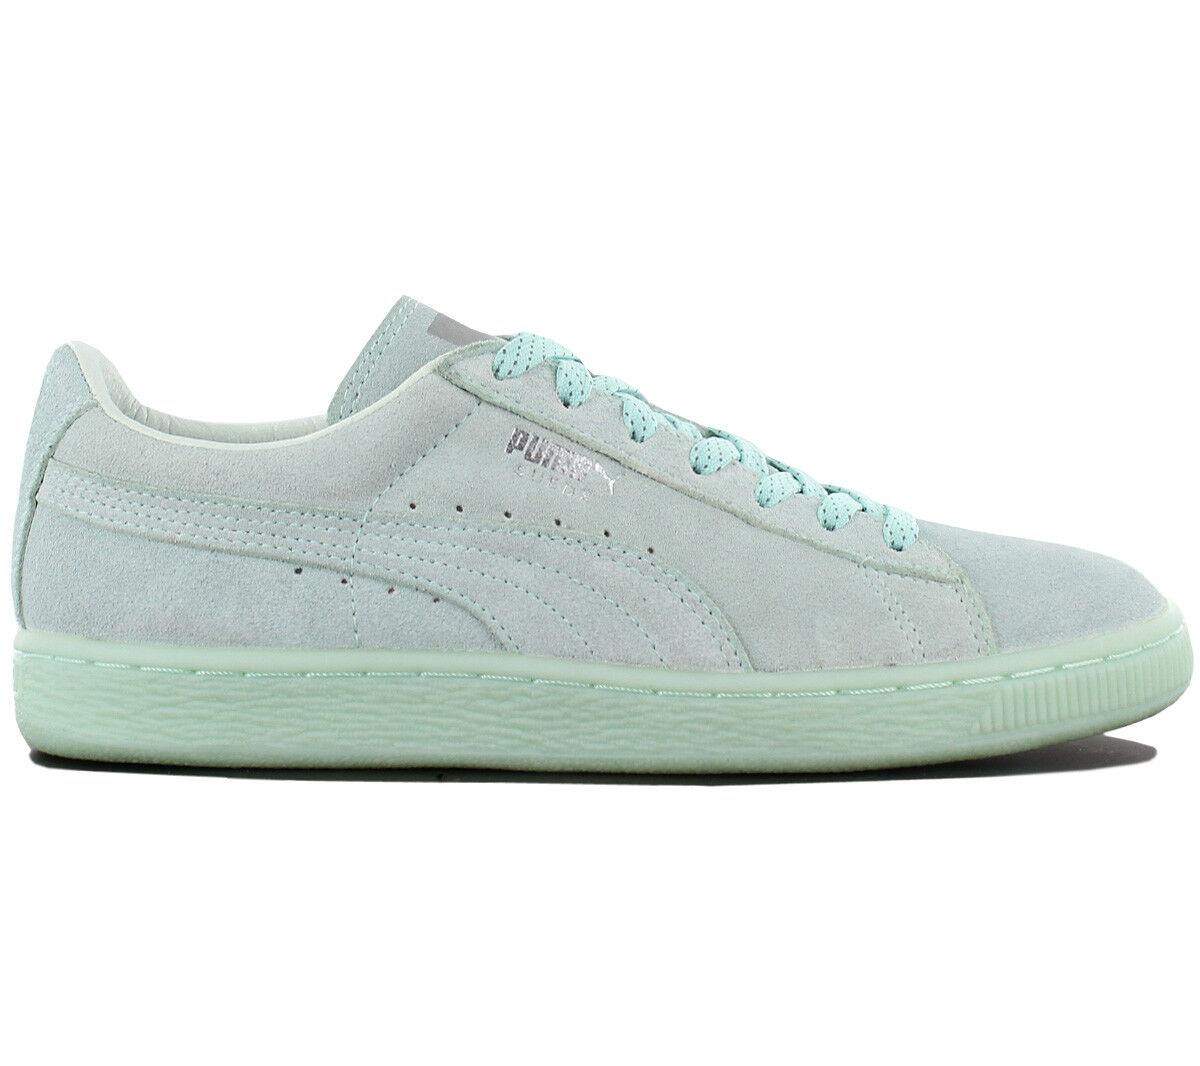 Puma Suede Classic Mono Ref Iced Damen Sneaker 02 Schuhe Leder Turnschuhe 362101 02 Sneaker ad835b